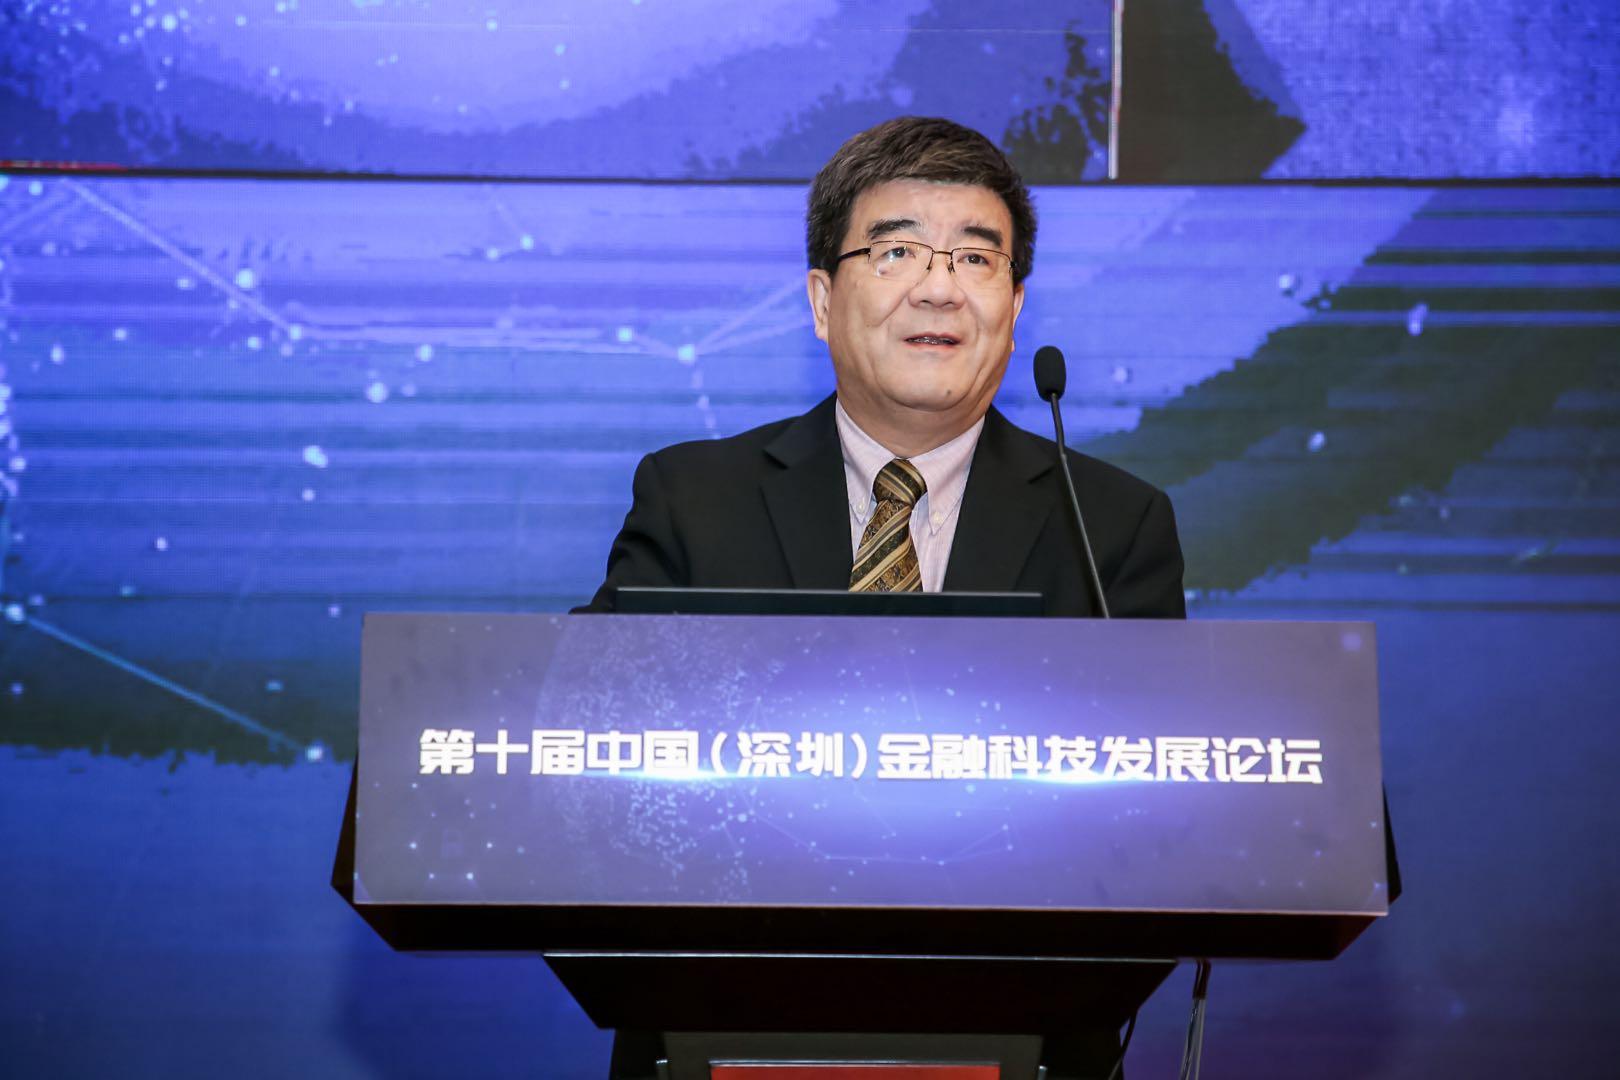 海闻院长出席第十届中国(深圳)金融科技发展论坛并致辞